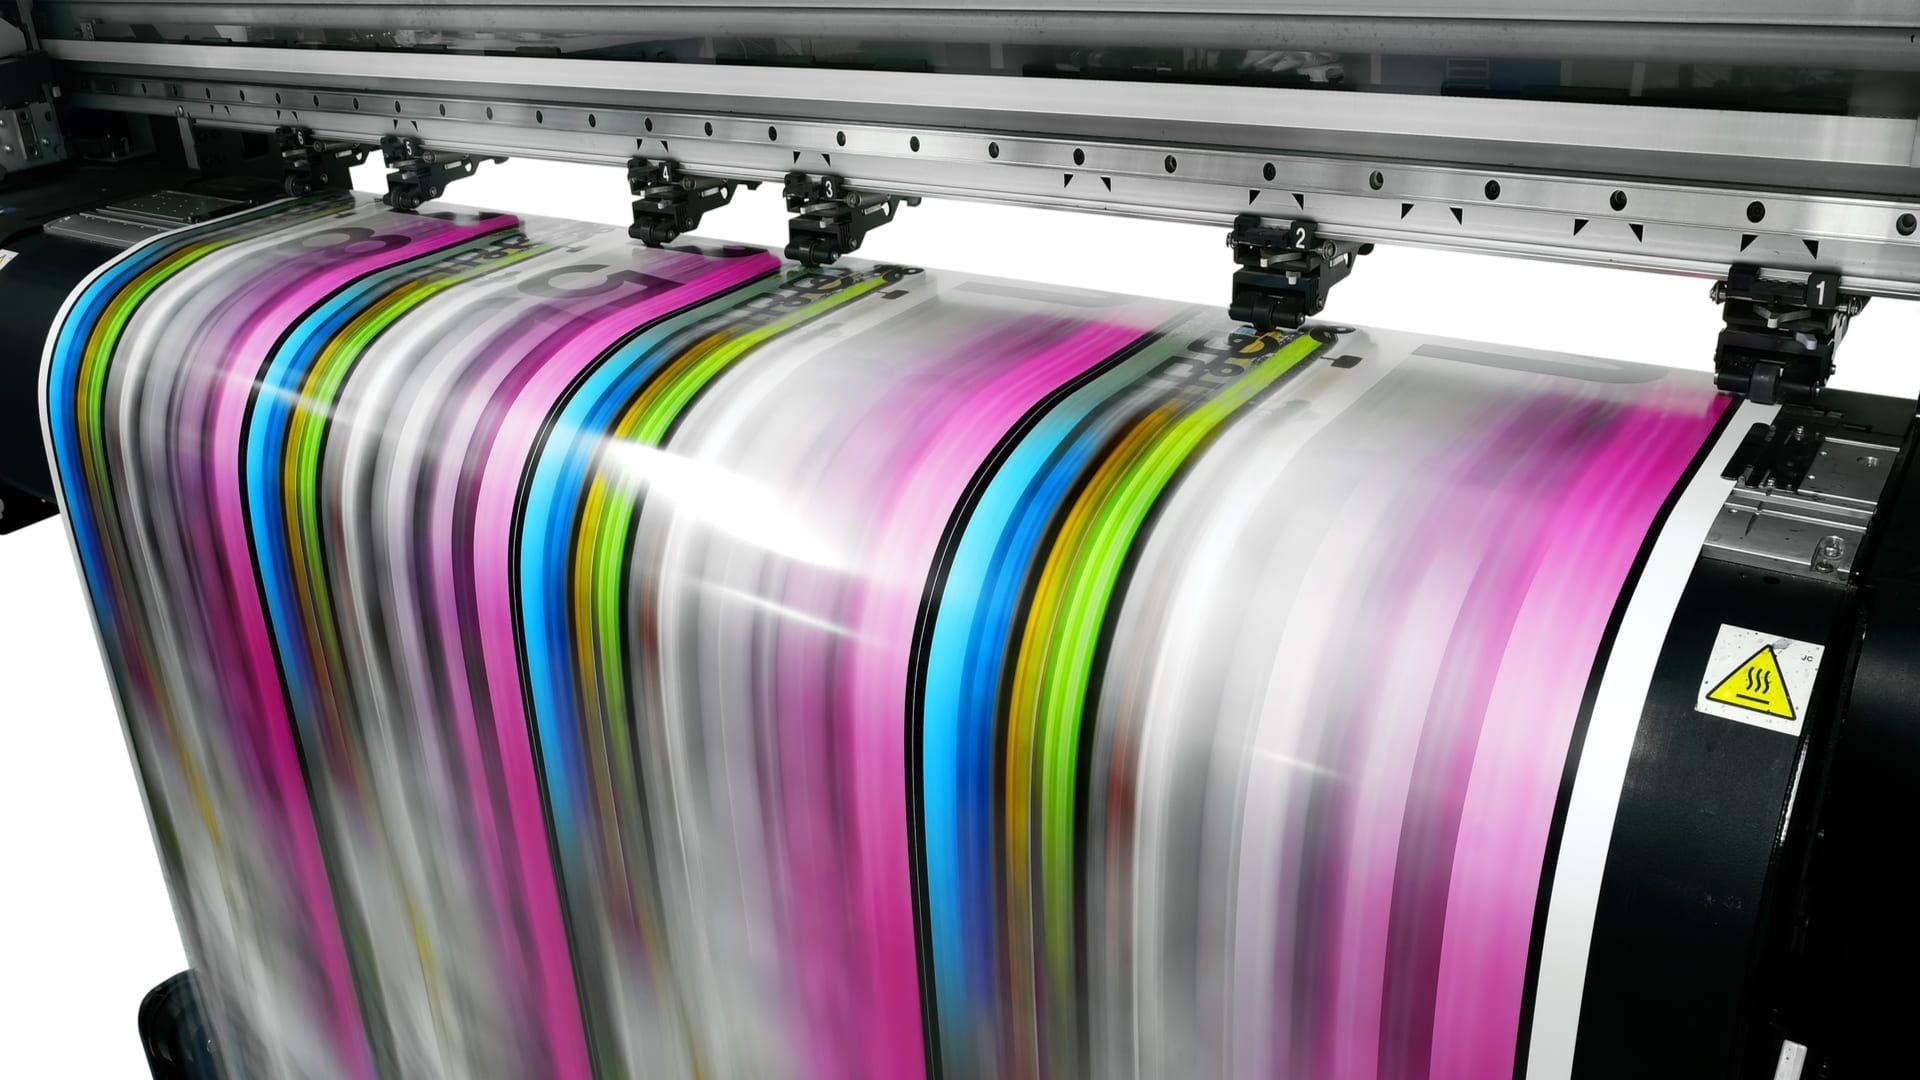 Entenda como funciona a impressora plotter (Foto: Reprodução/Shutterstock)